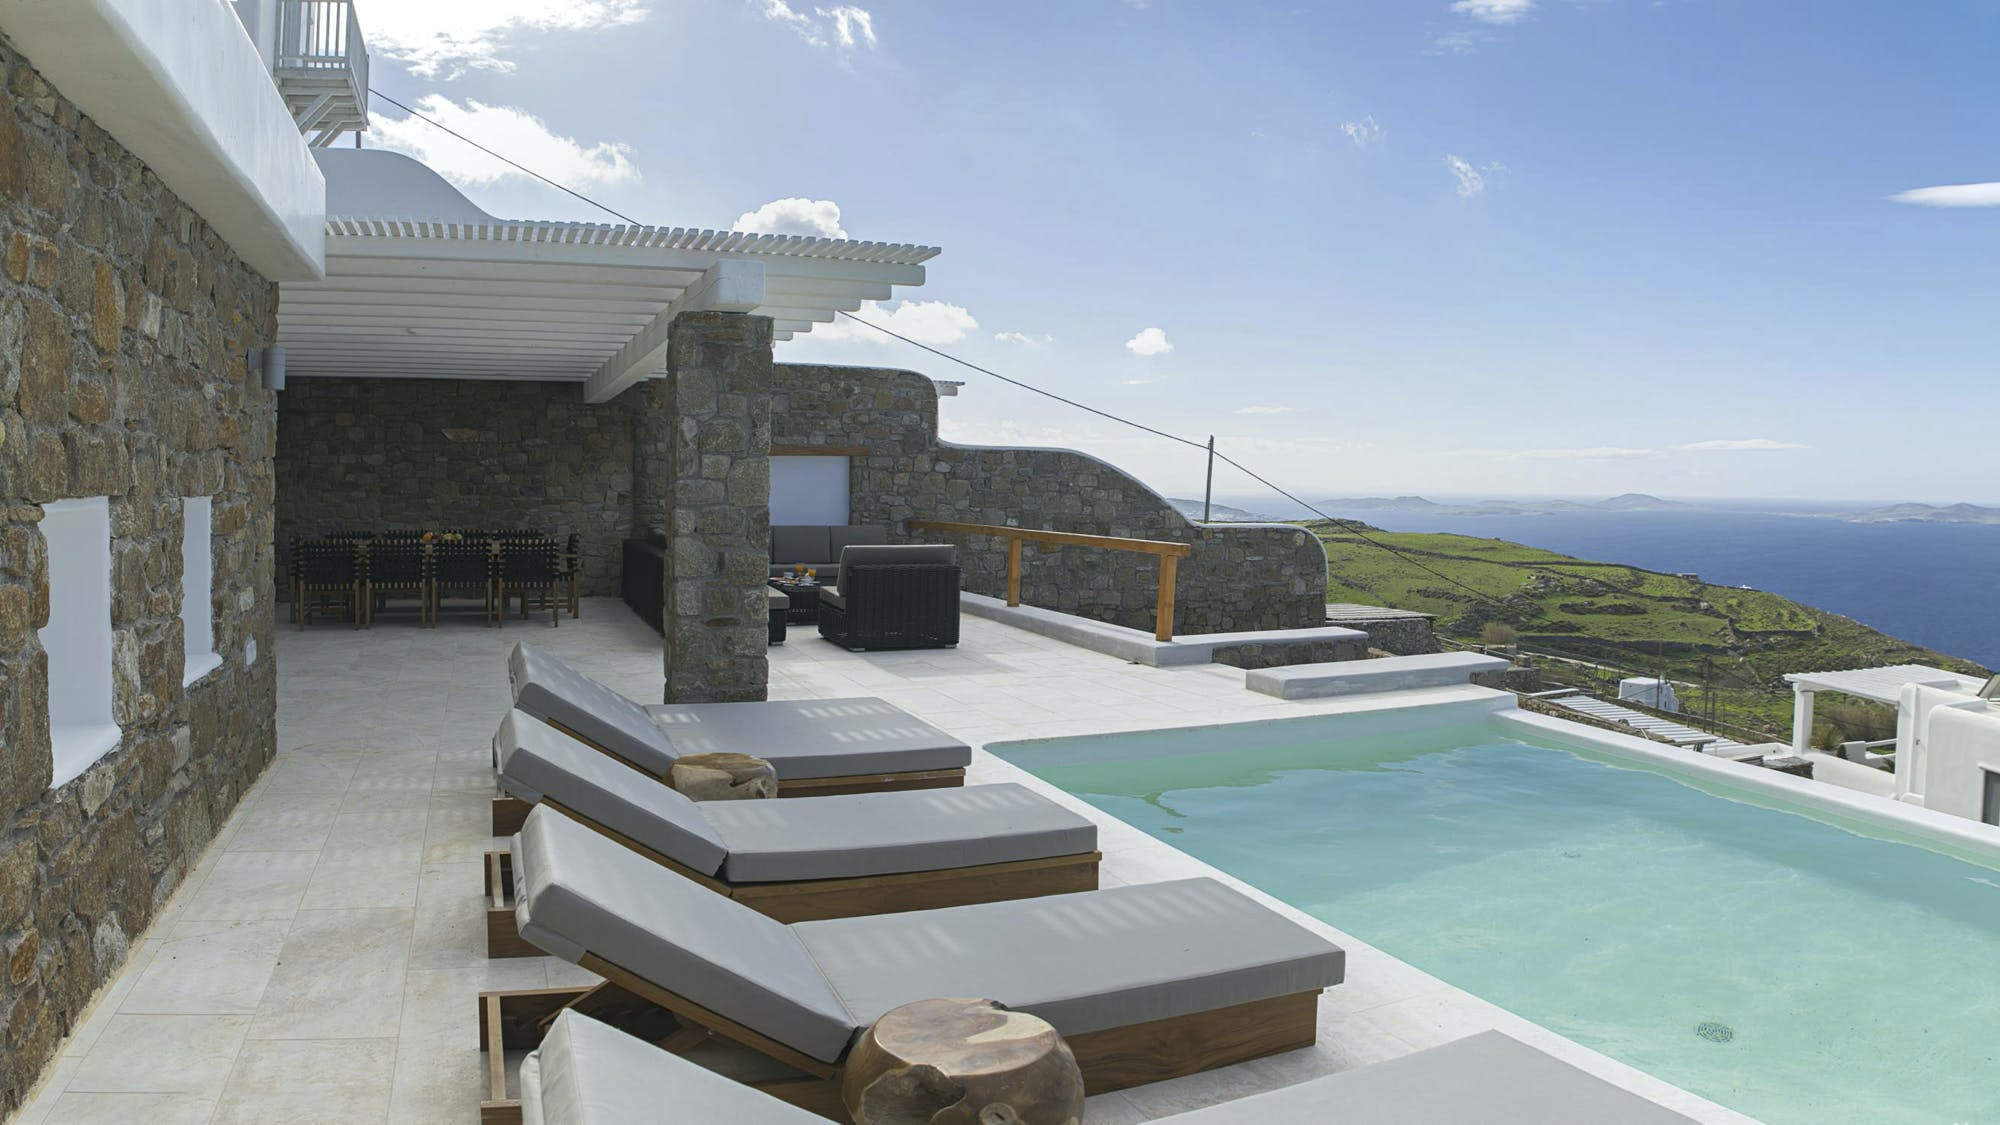 Villa ciel pool